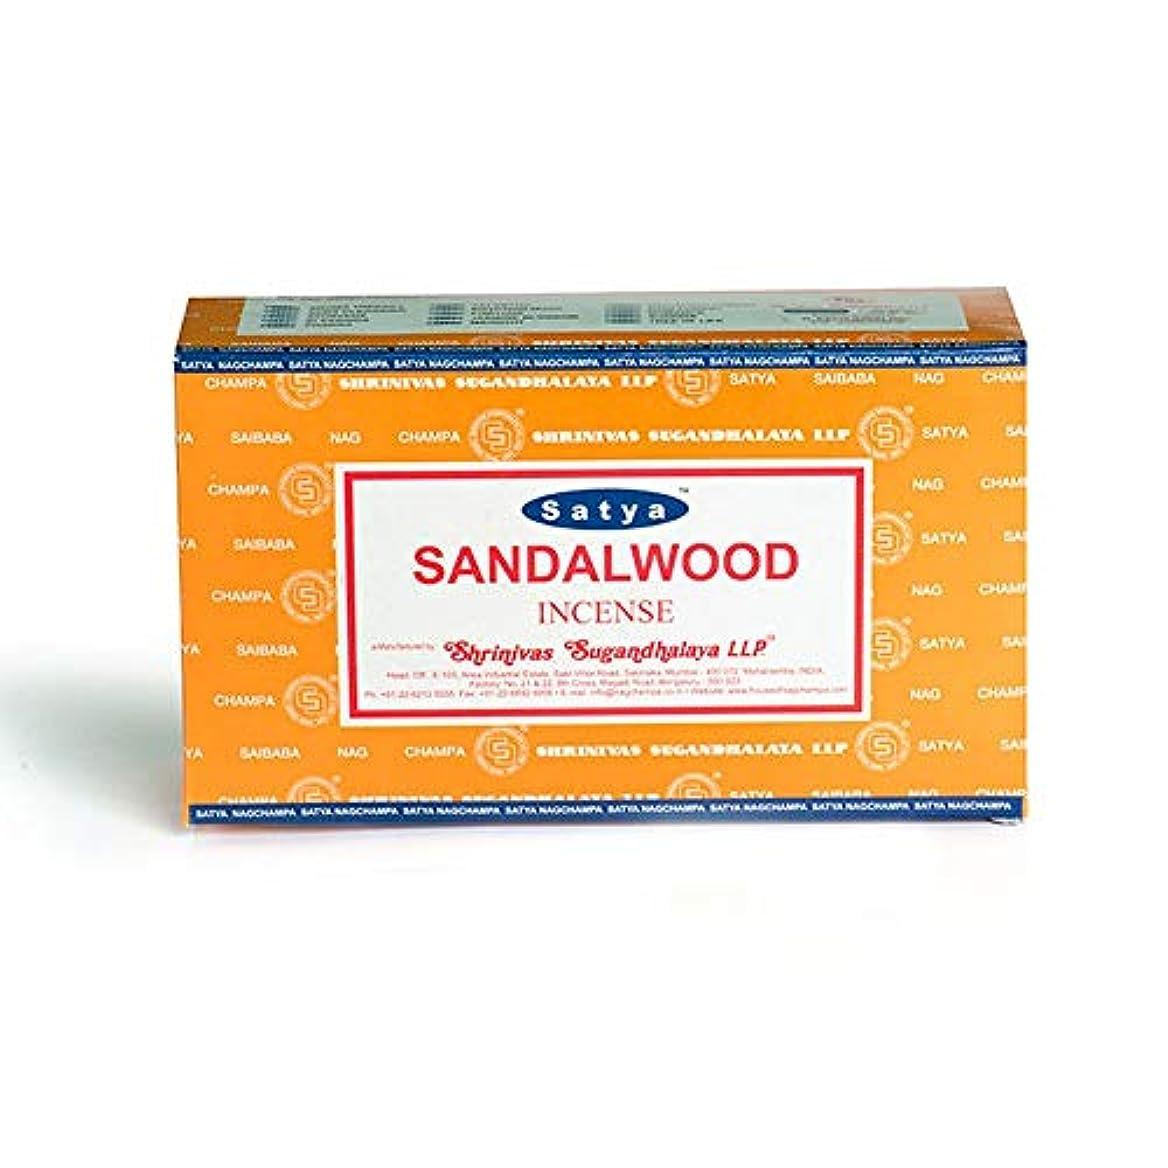 レンチパブマージンSatya Nag Champa Sandalwood Incense Sticks - Box 12 Packs by Satya